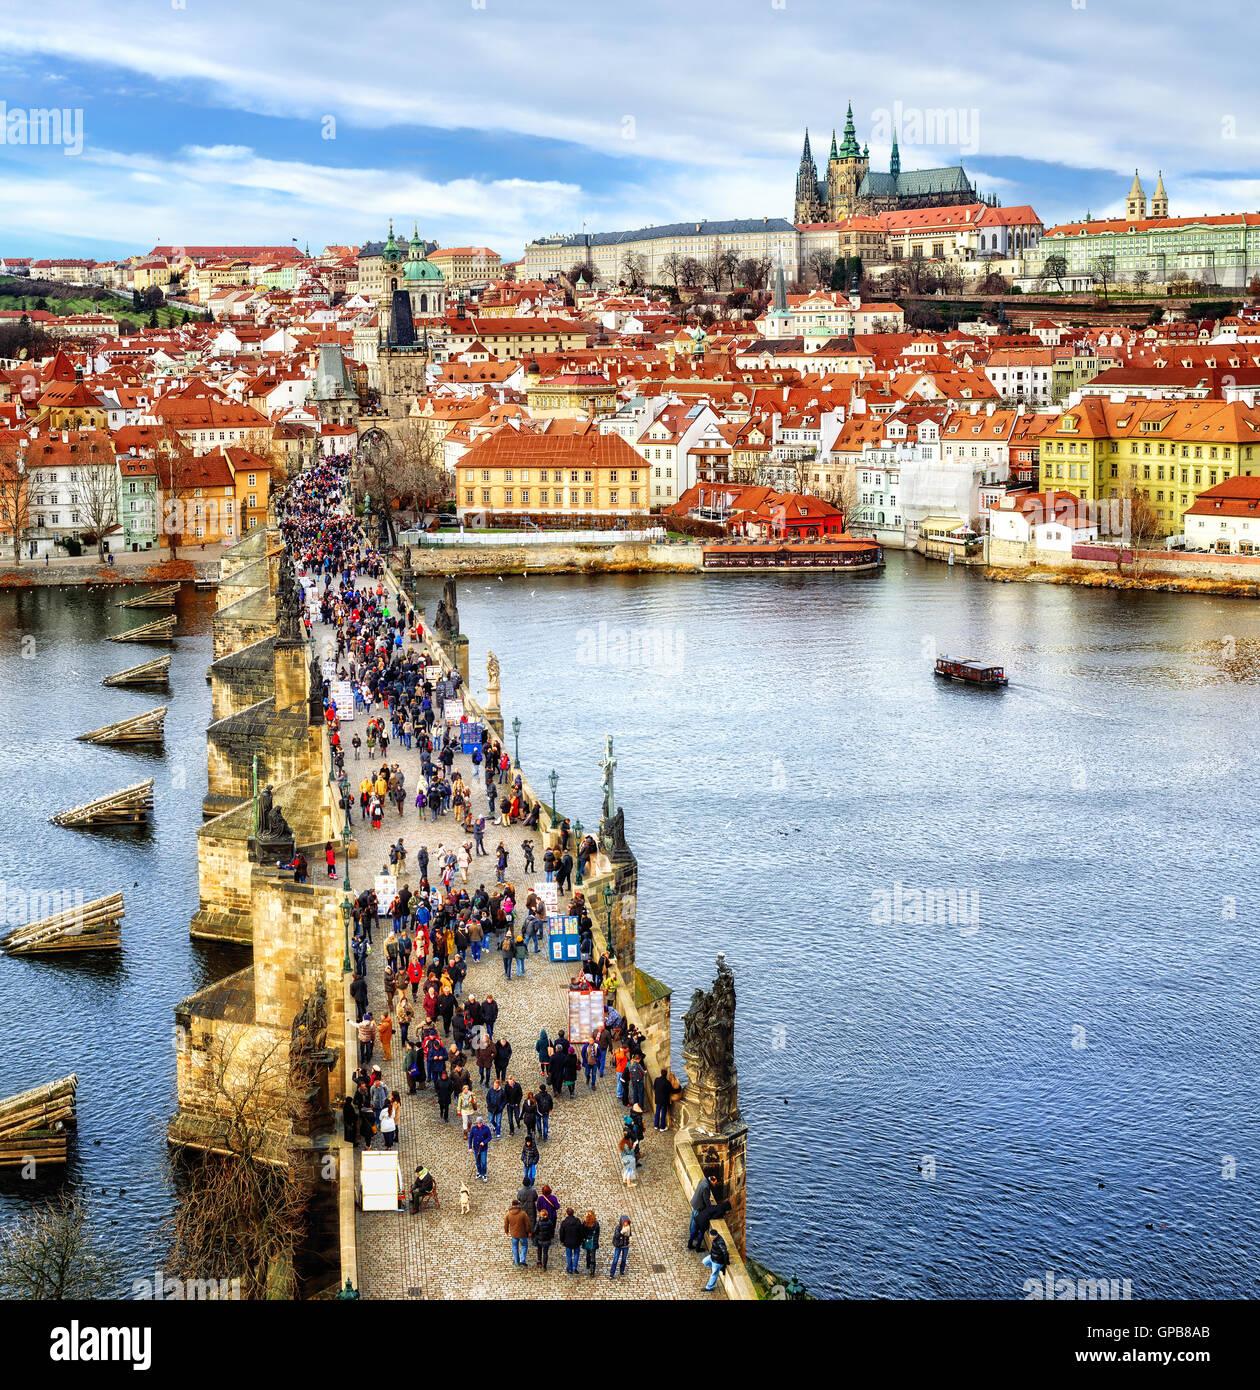 Panorama der Prager Burg, Karlsbrücke, Moldau und roten Dächer der Altstadt, Tschechische Republik Stockbild